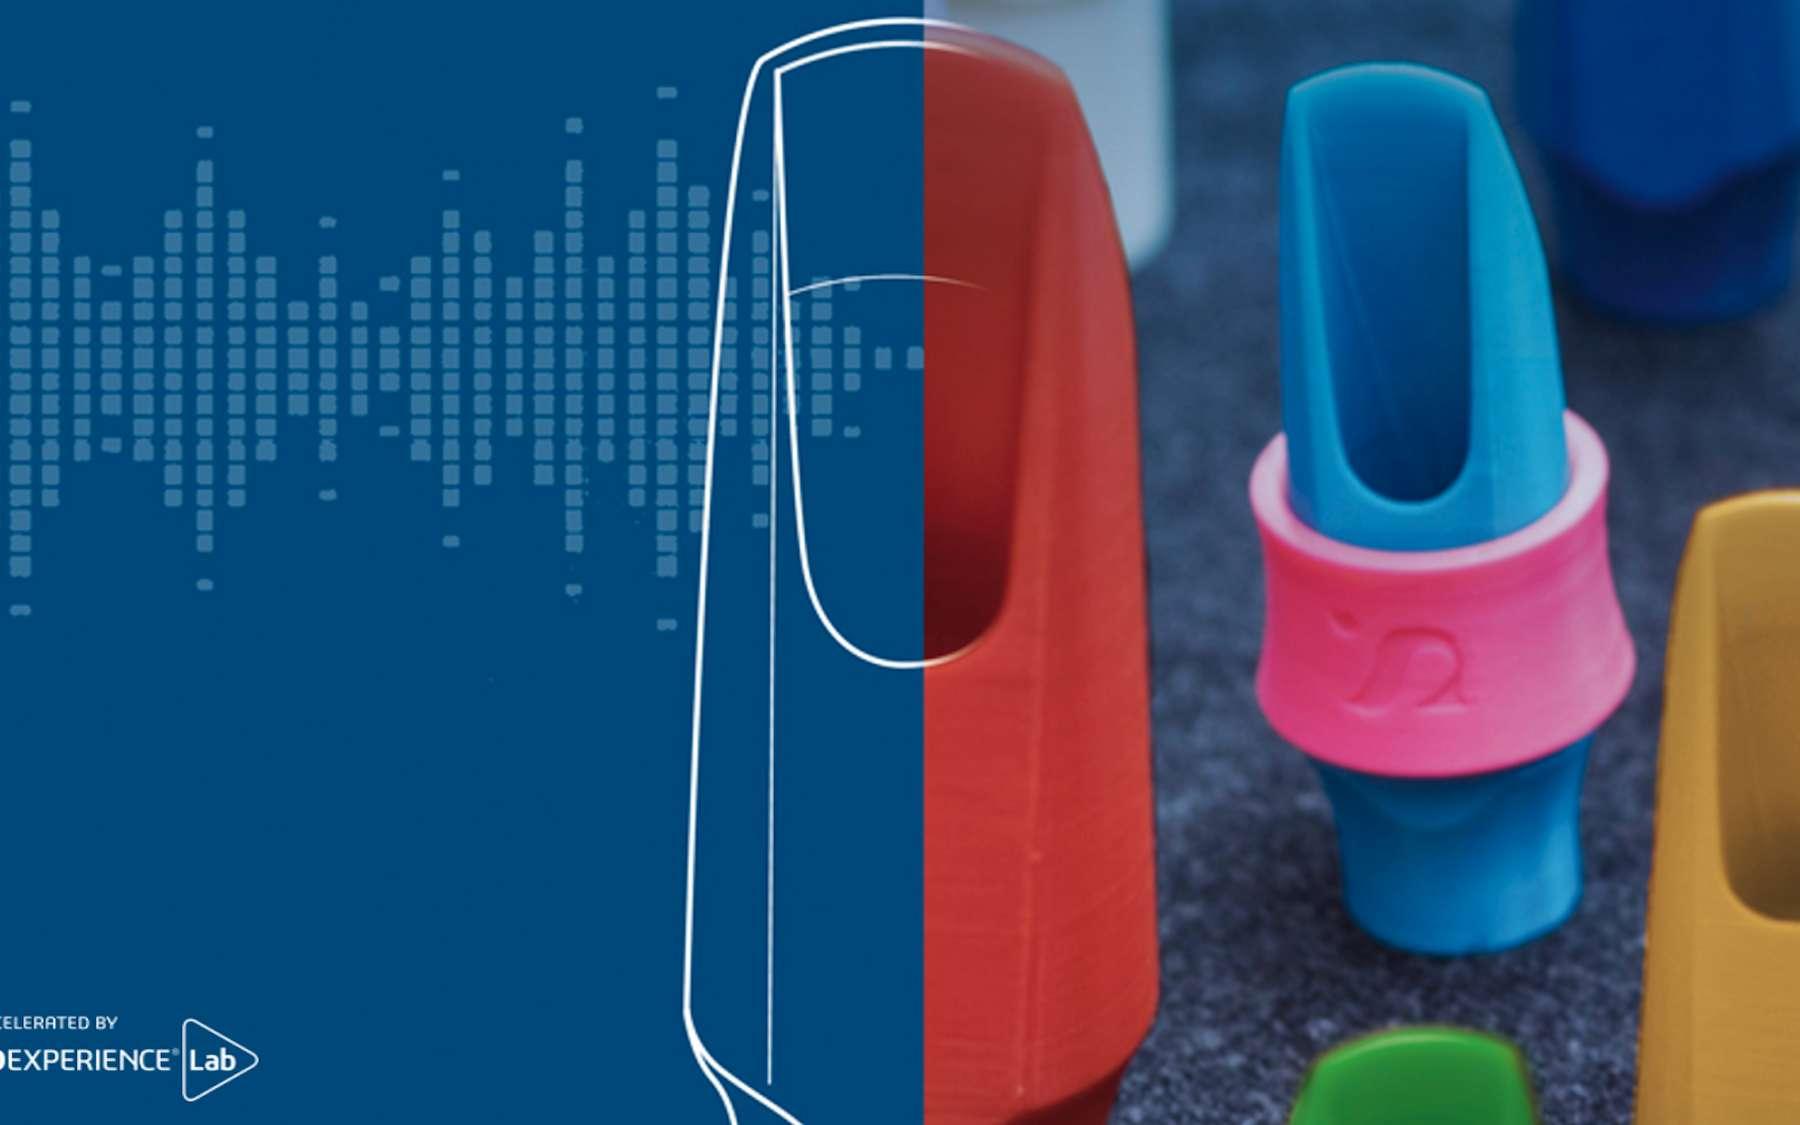 Syos conçoit des becs de saxophones et de clarinettes sur mesure et imprimés en 3D. © Dassault Système